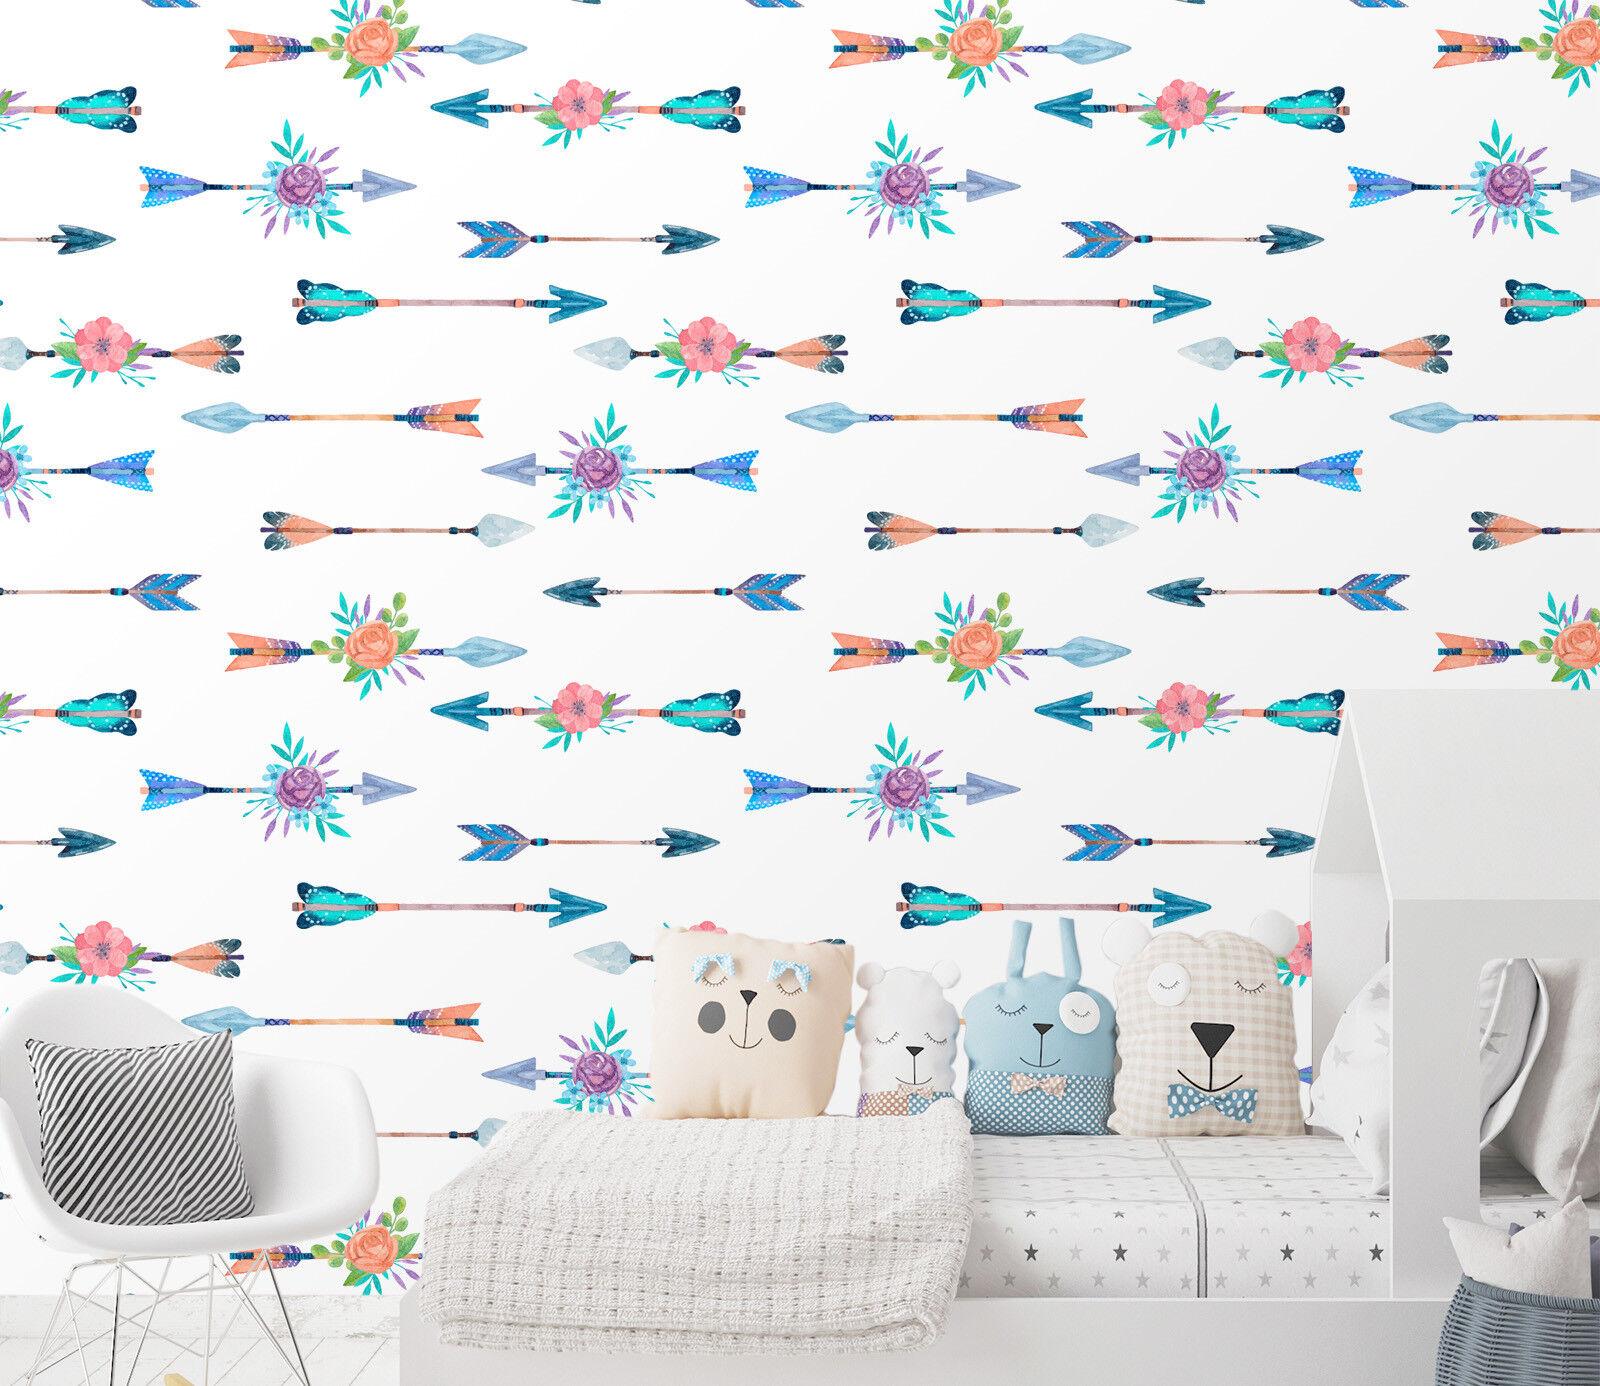 3D Amor Pfeil Blaume 22 Tapete Wandgemälde Tapete Tapeten Familie Kinde DE Lemon